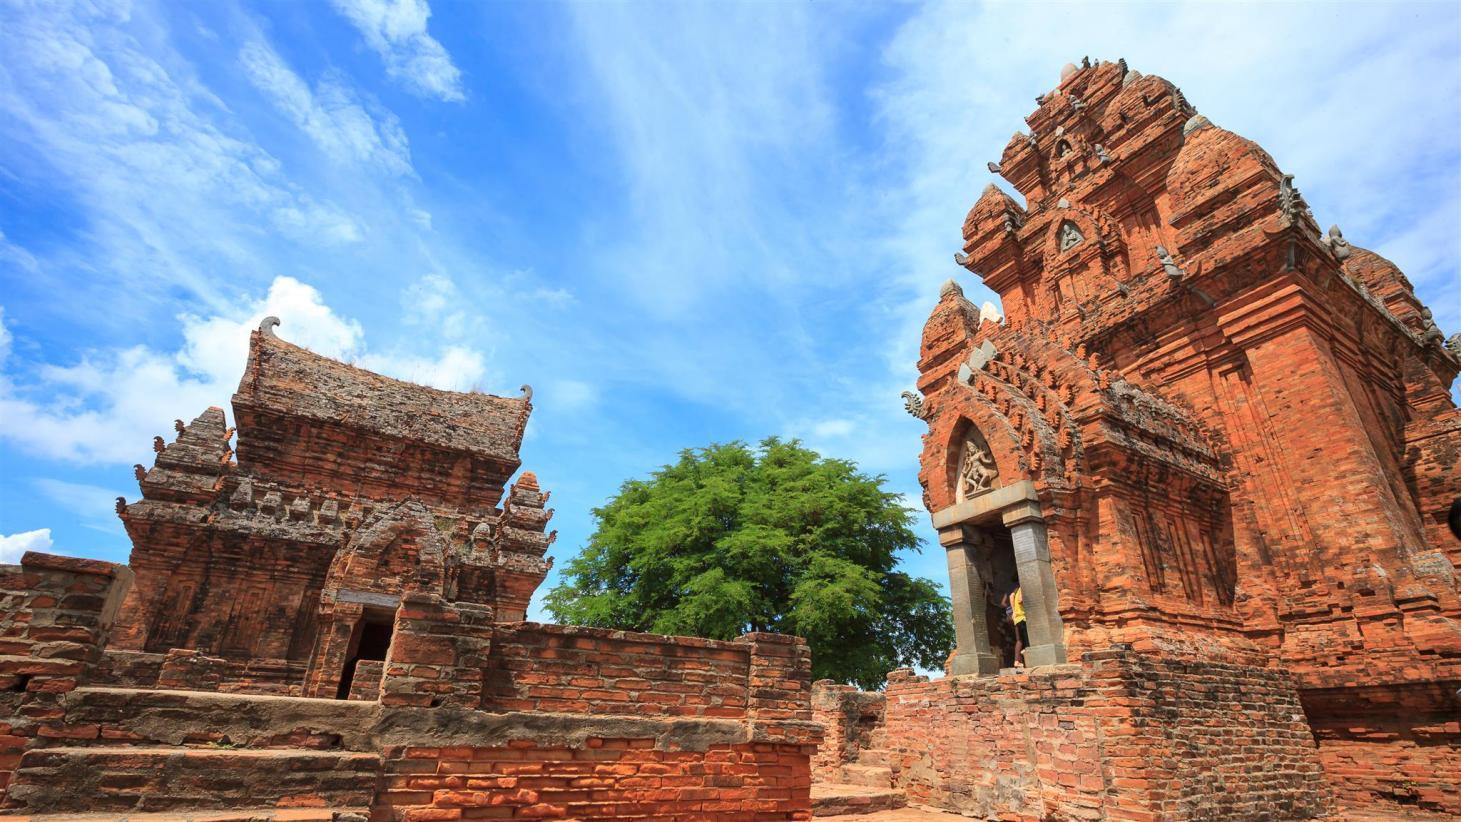 Du lịch Ninh Thuận (3 ngày 2 đêm)